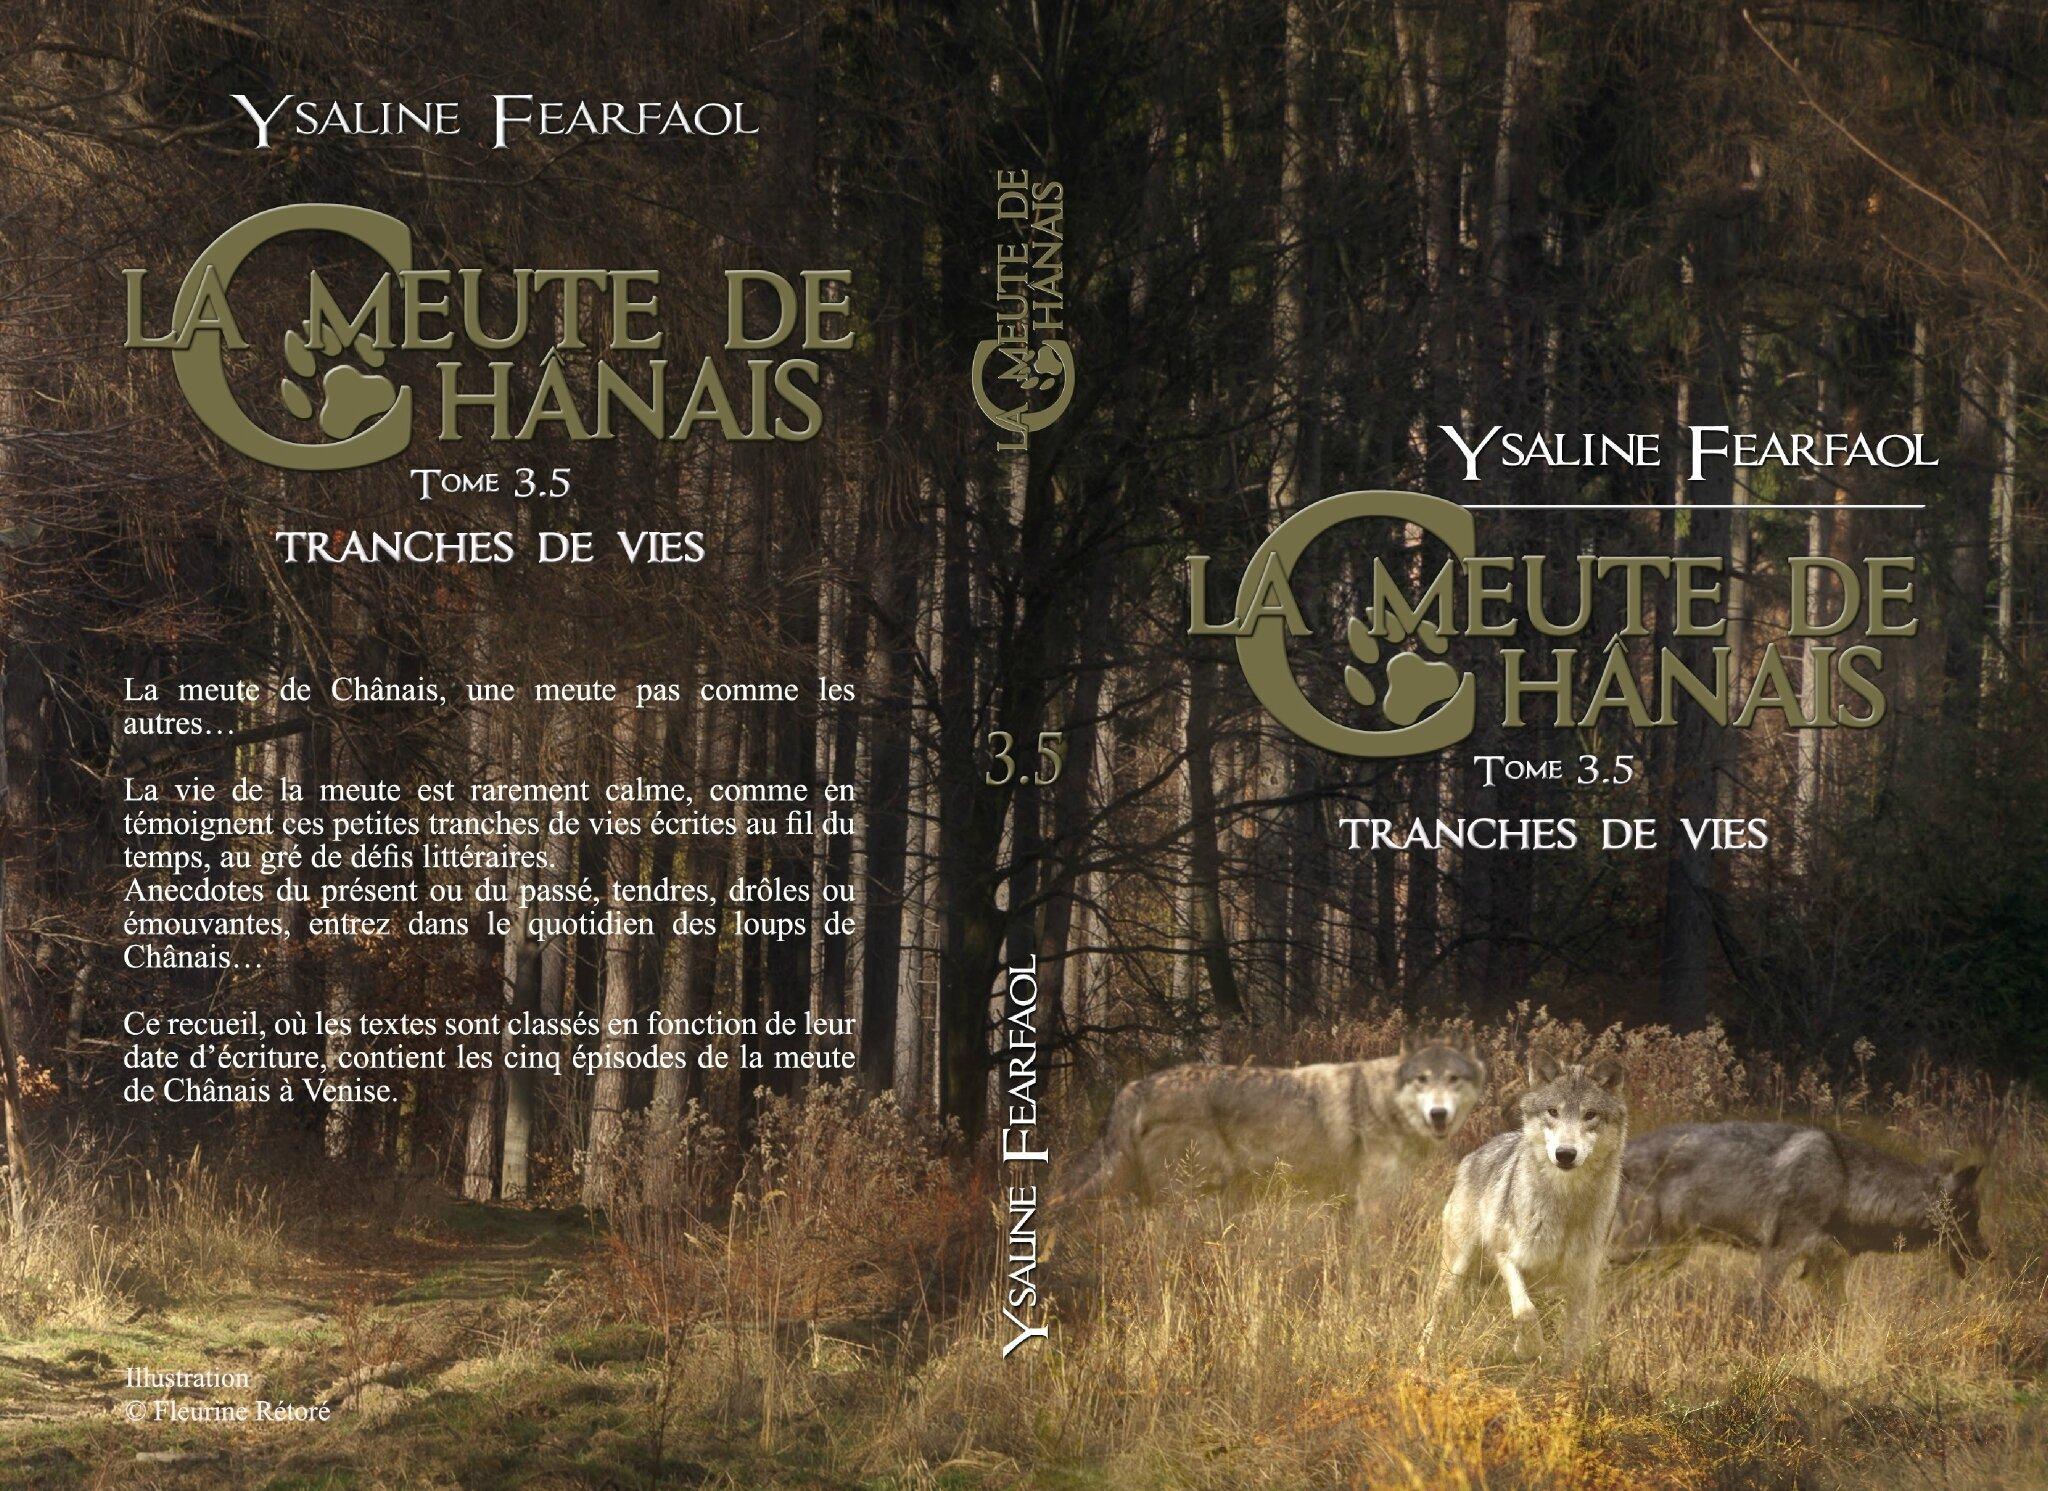 La meute de Chânais tome 3,5 : tranches de vie (Ysaline Fearfaol)